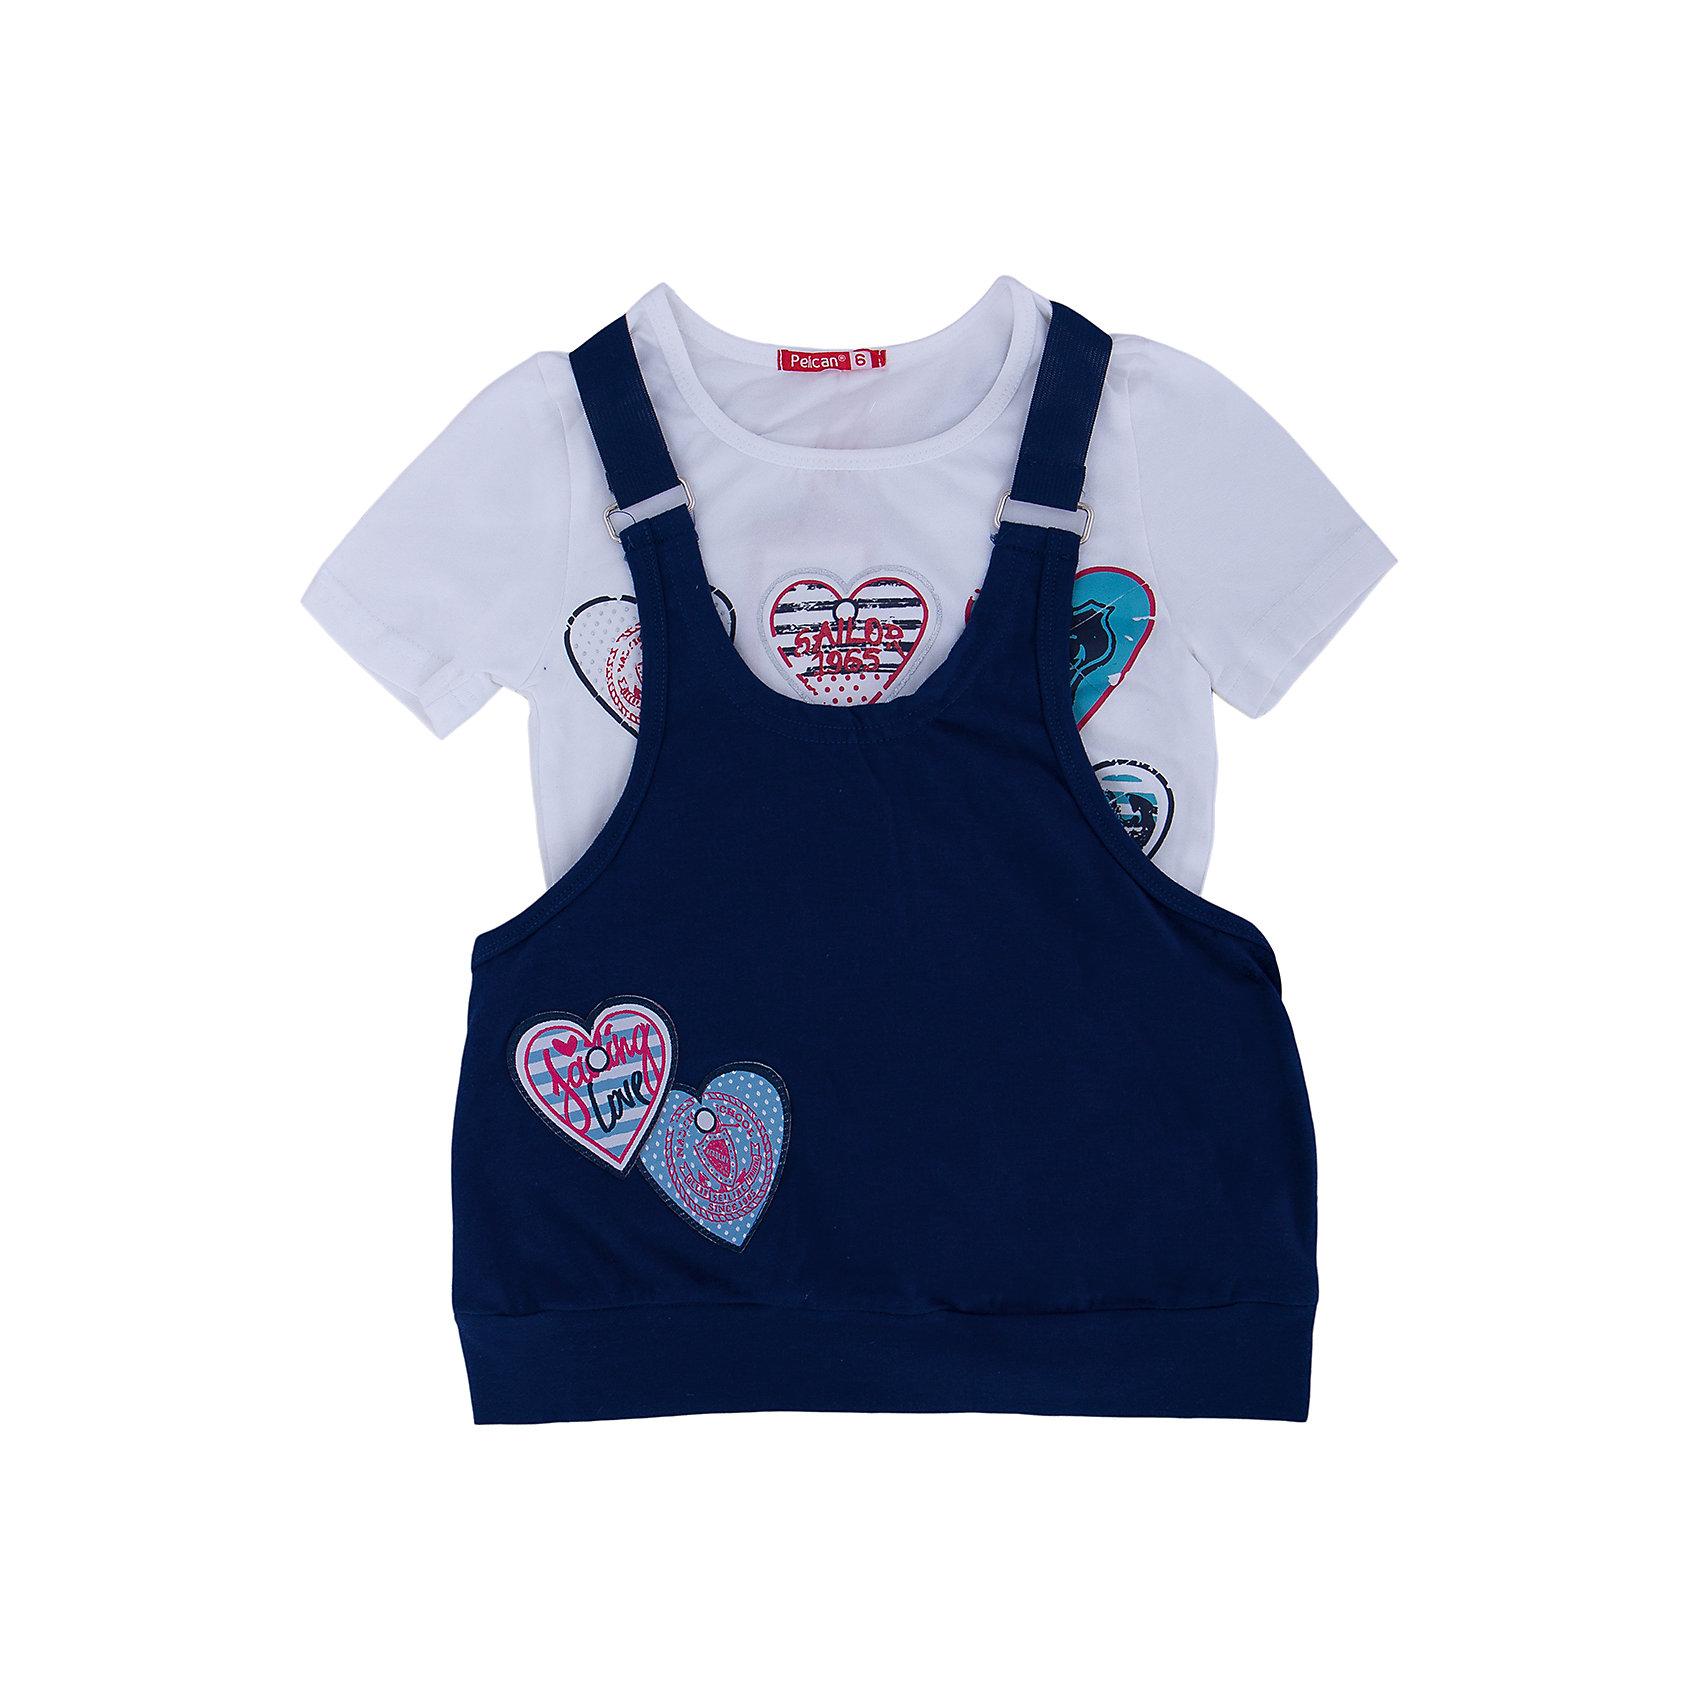 Комплект: футболка и туника для девочки PELICANМногослойность - на пике моды! Модный комплект состоит из туники и футболки. Удобные вещи помогут разнообразить гардероб ребенка, создать подходящий погоде ансамбль. Удобный крой и качественный материал обеспечат ребенку комфорт при ношении этих вещей. <br>Туника очень стильно смотрится благодаря актуальной в этот сезоне расцветке. Футболка - с модным принтом и короткими рукавами. Материал - легкий, отлично подходит для лета, состоит преимущественно из дышащего натурального хлопка. Очень приятен на ощупь, не вызывает аллергии.<br><br>Дополнительная информация:<br><br>материал: 93% хлопок, 7% эластан;<br>цвет: синий;<br>с принтом;<br>рукава короткие.<br><br>Комплект для девочки от бренда PELICAN (Пеликан) можно купить в нашем магазине.<br><br>Ширина мм: 199<br>Глубина мм: 10<br>Высота мм: 161<br>Вес г: 151<br>Цвет: синий<br>Возраст от месяцев: 84<br>Возраст до месяцев: 96<br>Пол: Женский<br>Возраст: Детский<br>Размер: 128,116,122<br>SKU: 4804934